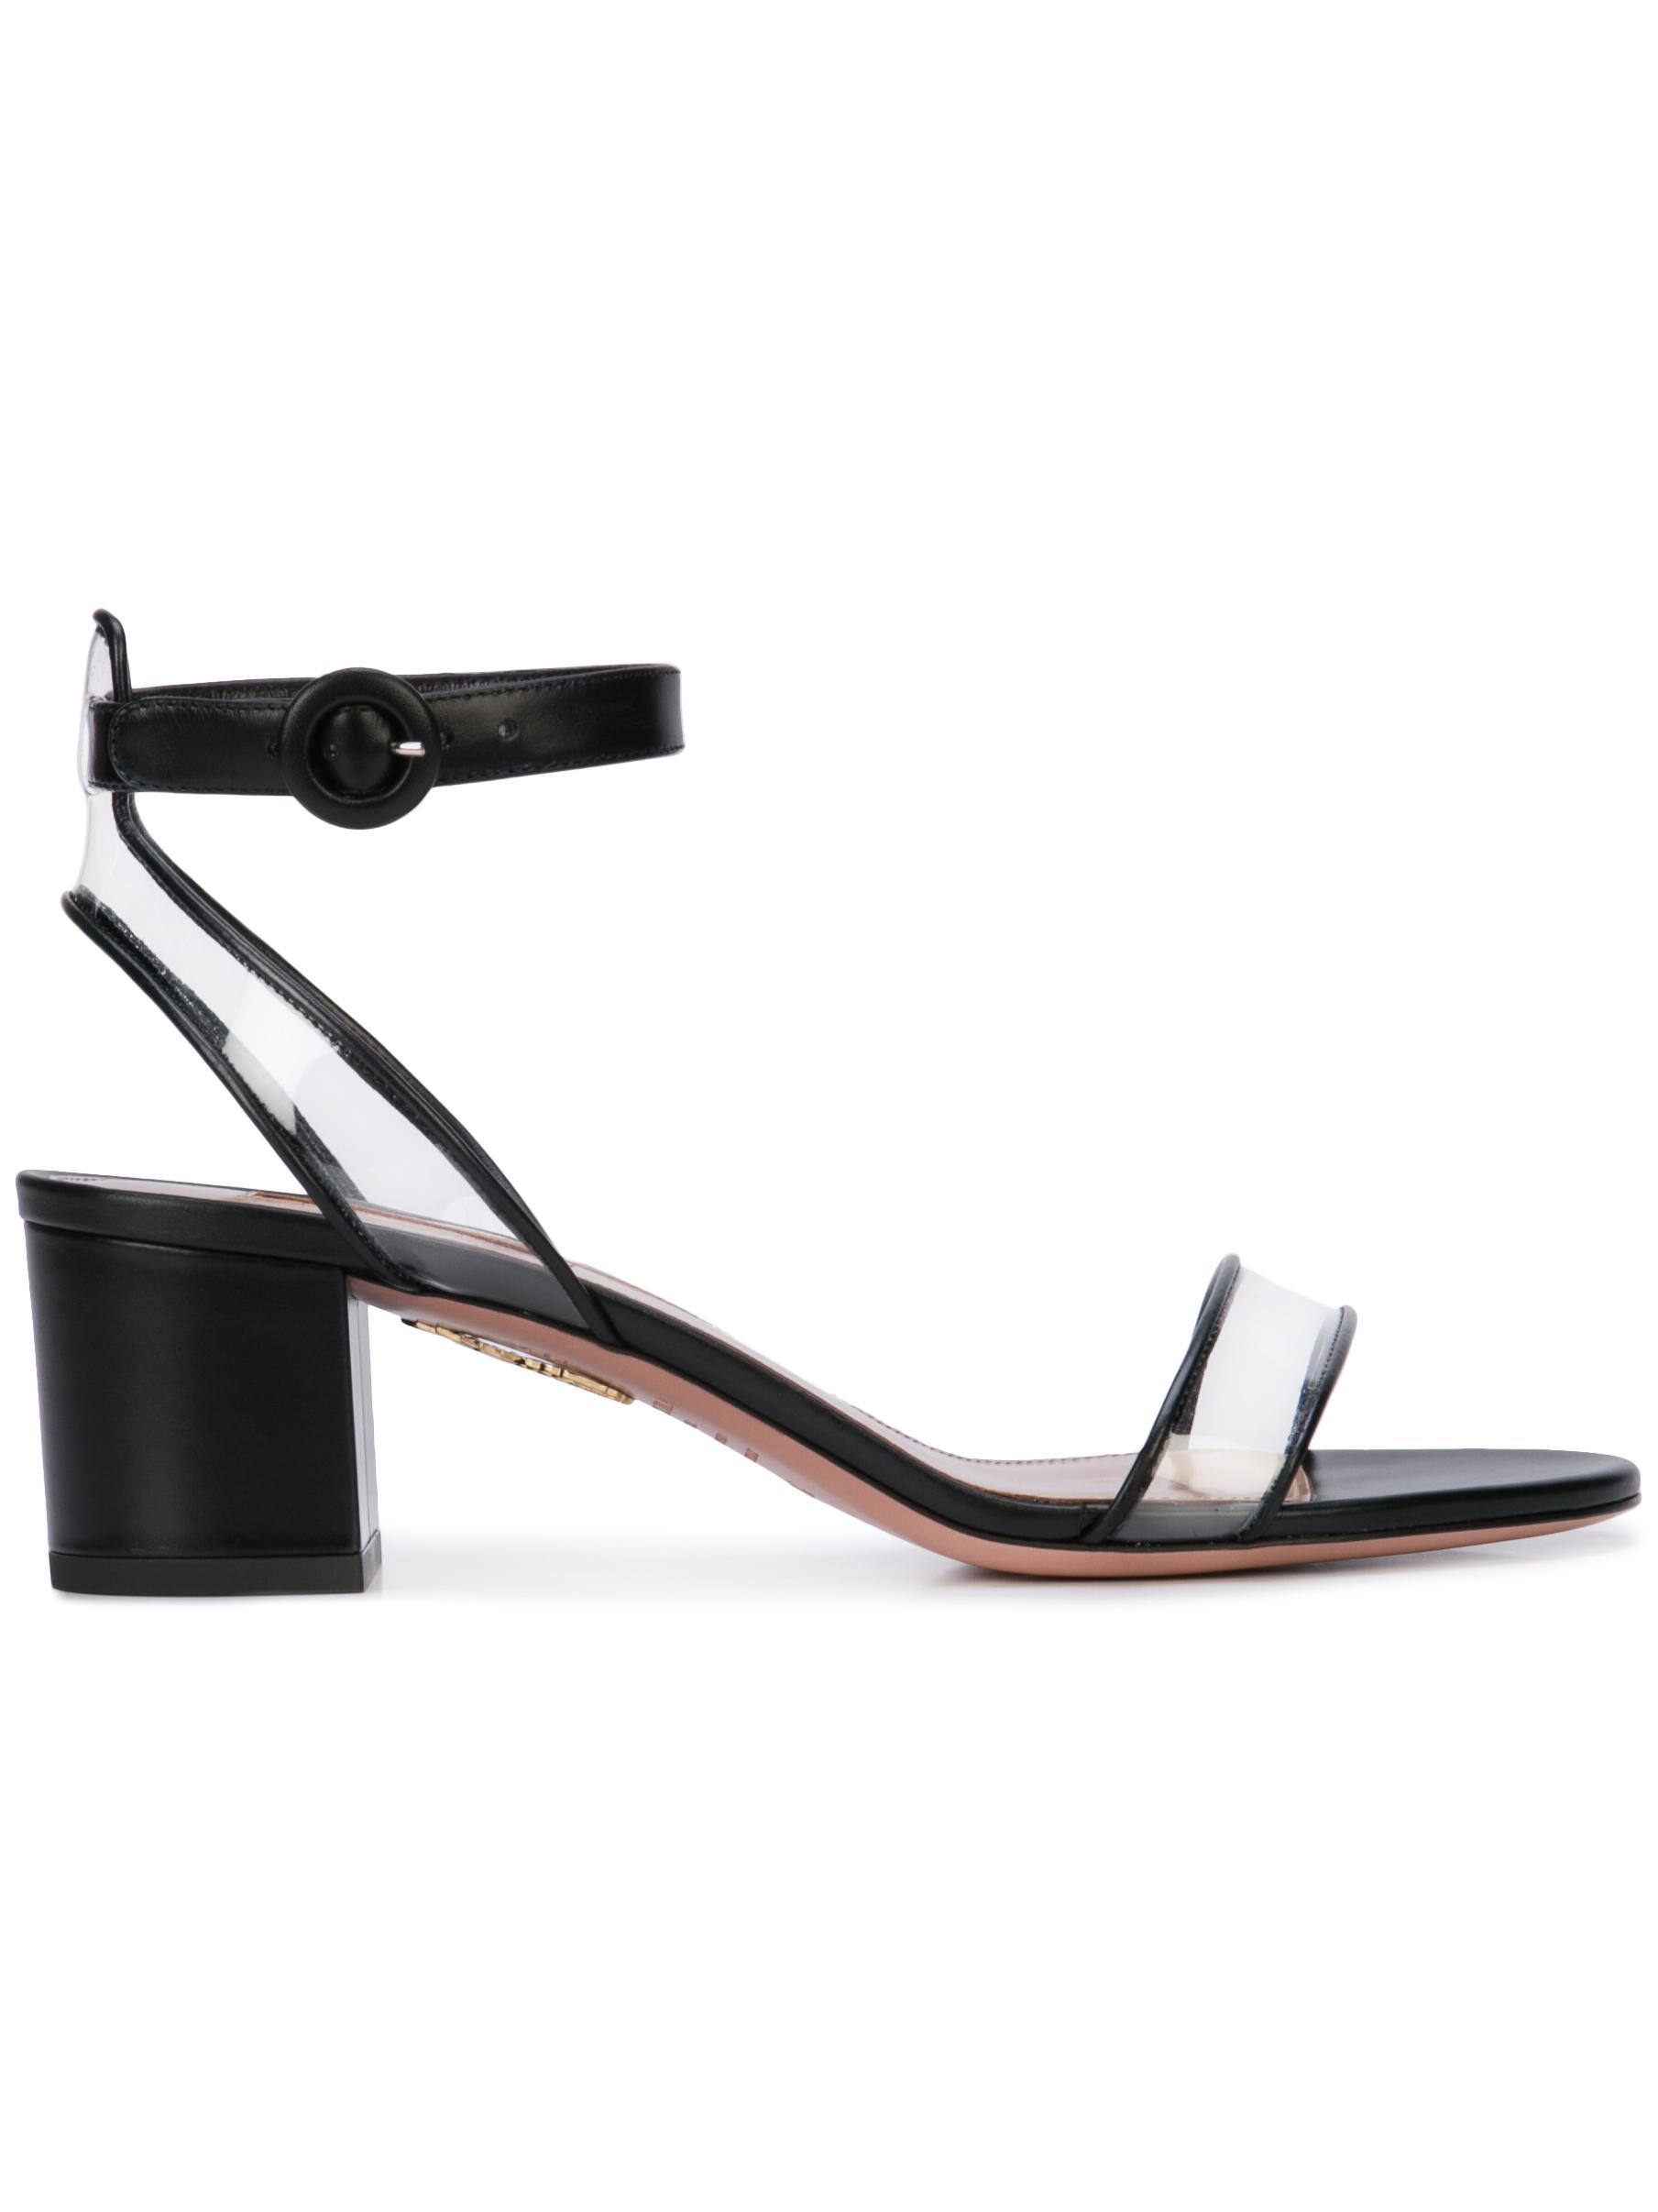 Minimalist Nappa Laminata 50mm Sandal Item # MINMIDS1-CPV